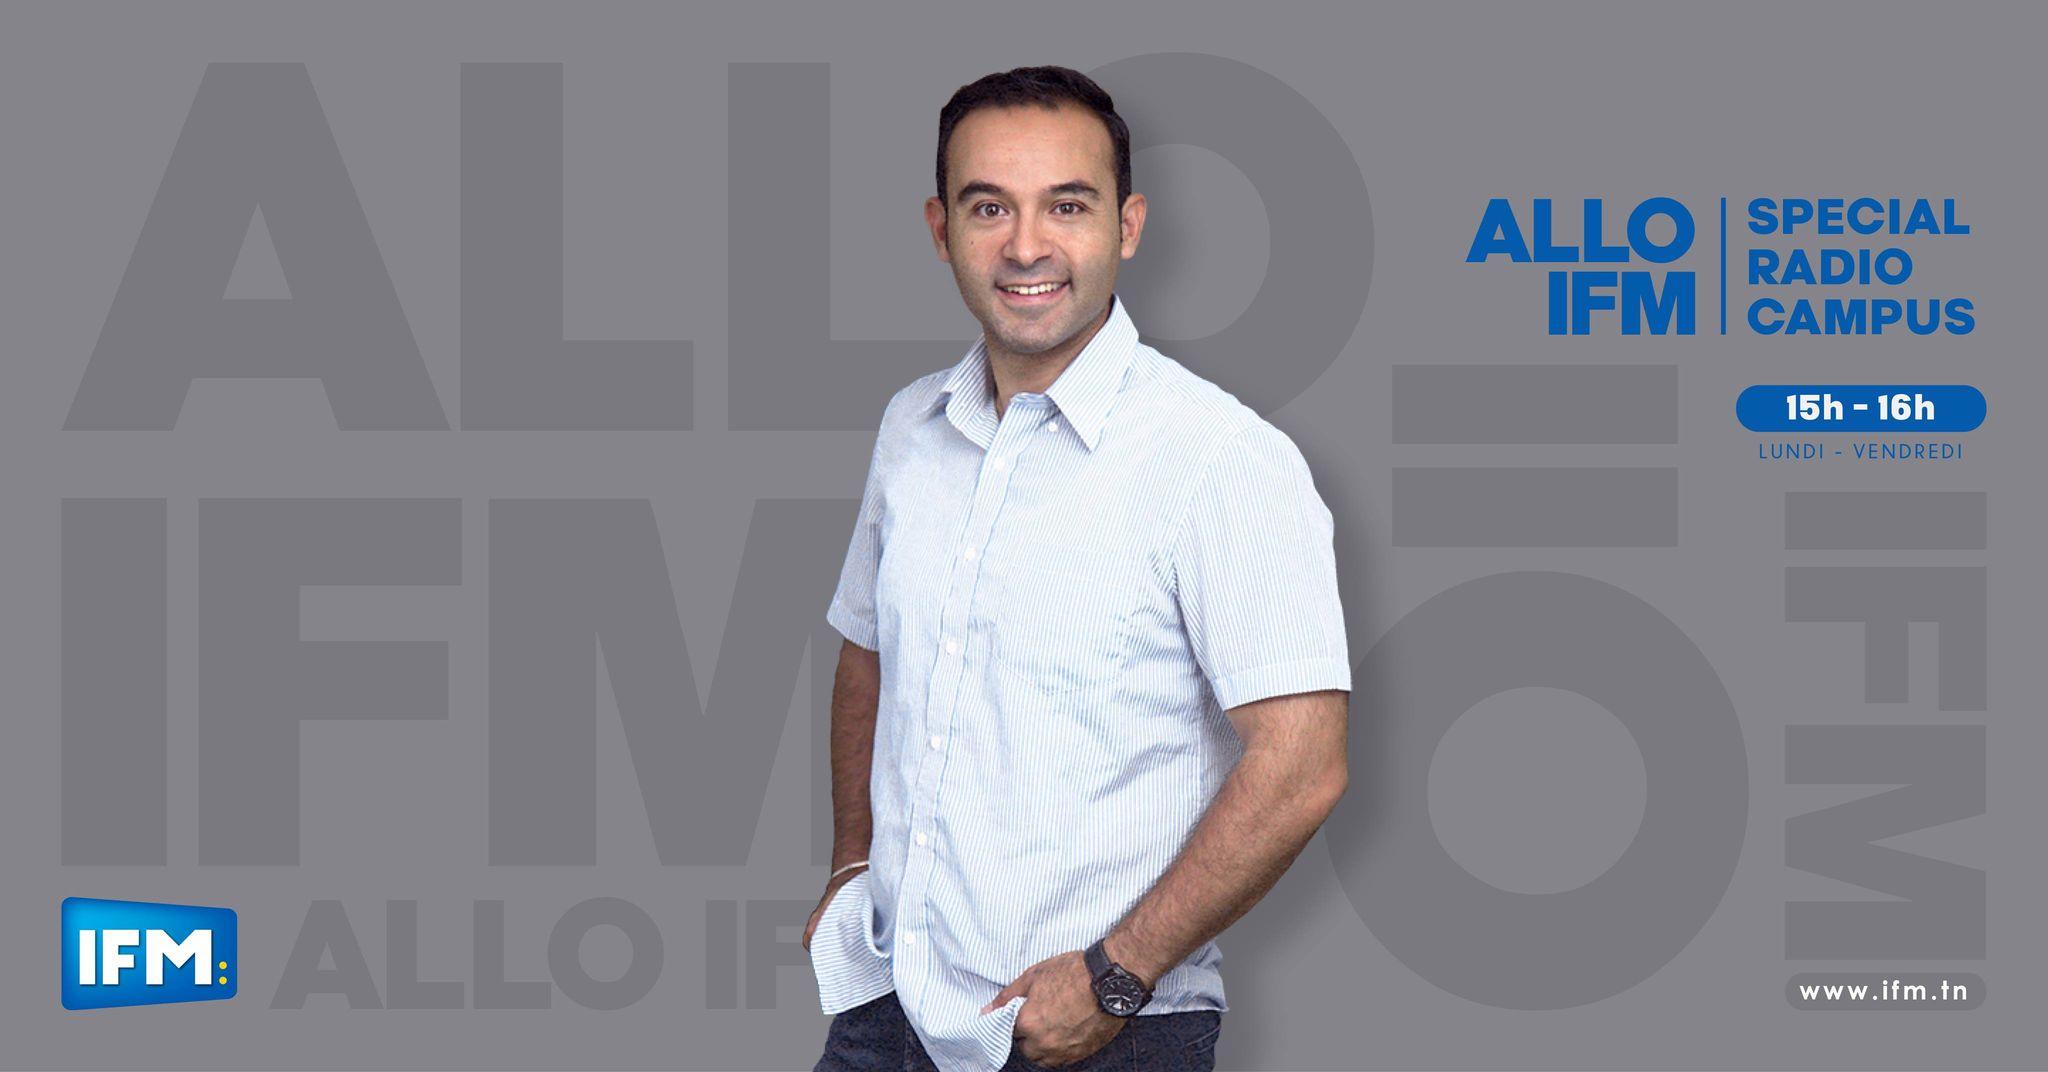 Allo IFM allo ifm avec Hassen Belwaer